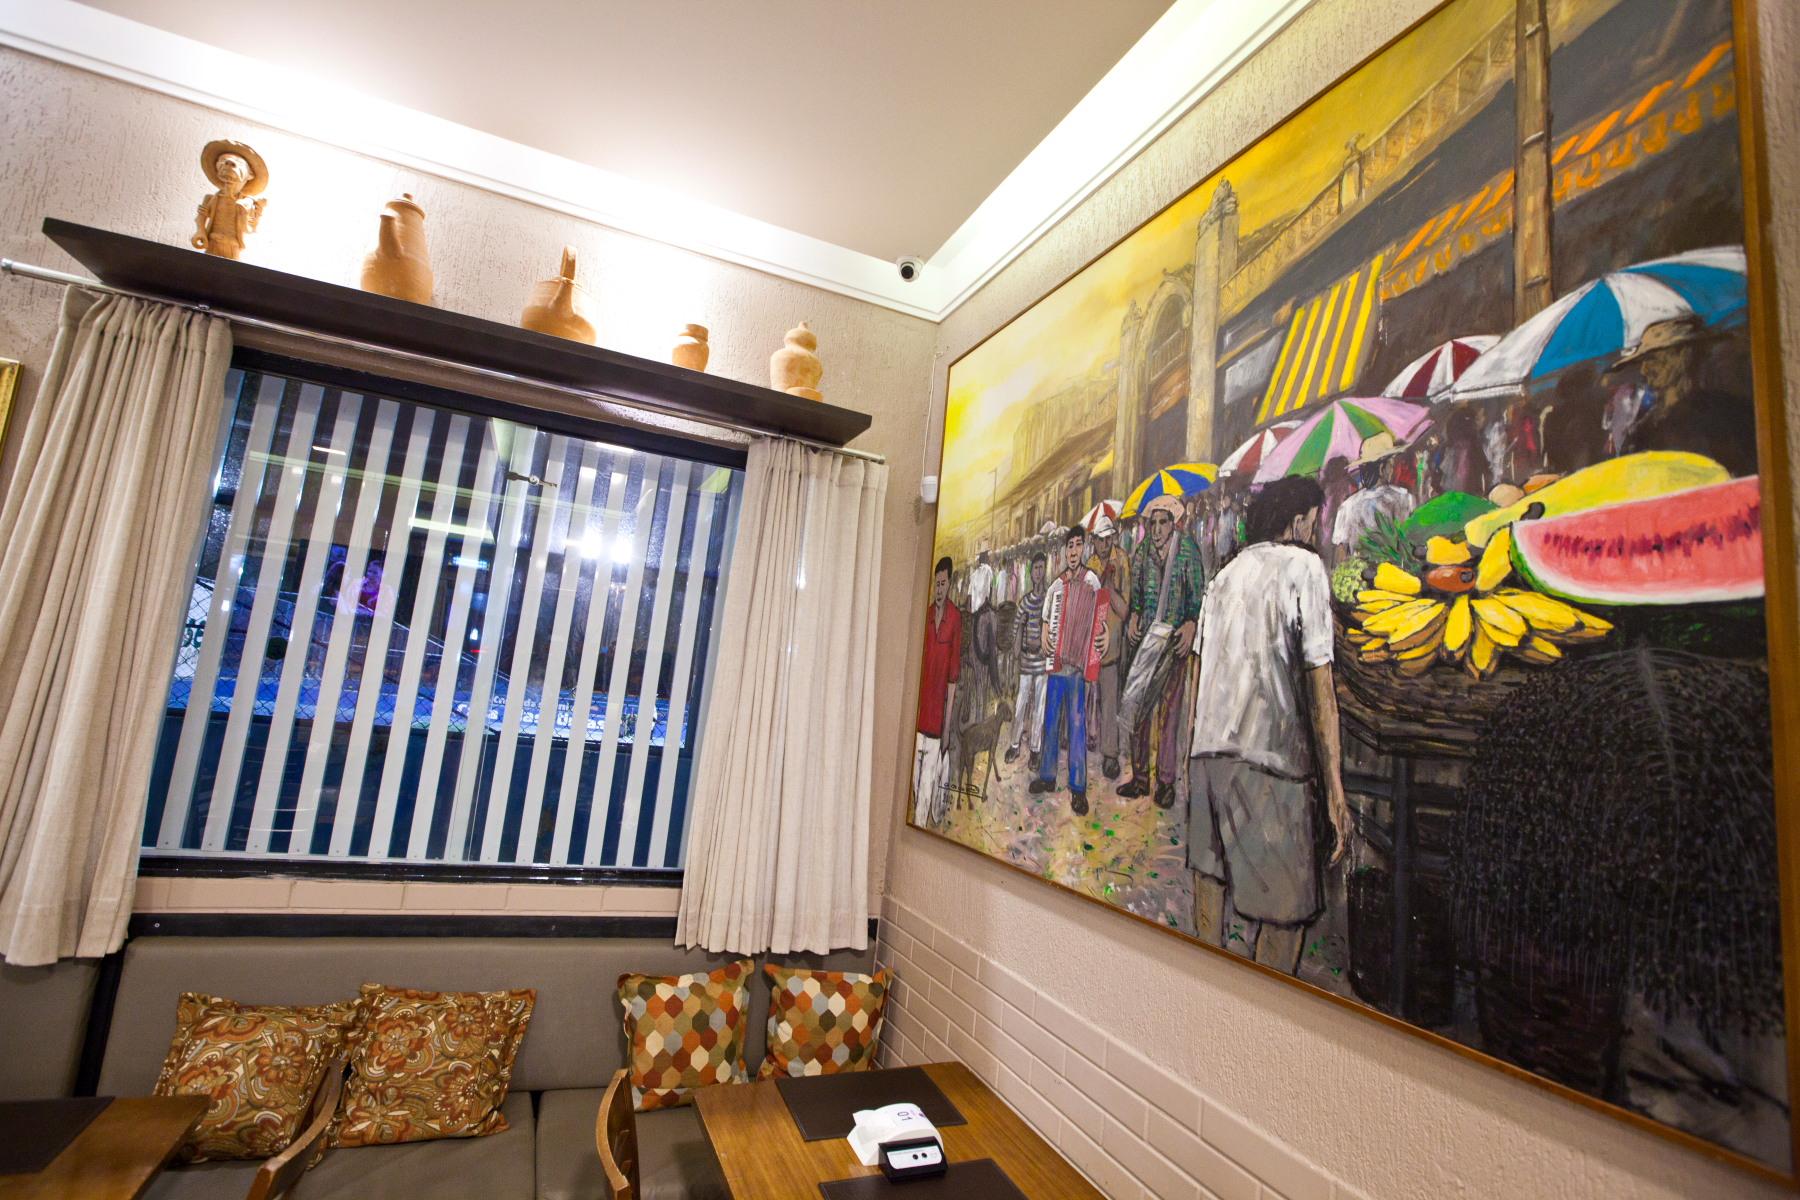 Açaí Aju, Açaí em Aracaju, Açaí, Aracaju, Fotos de Aracaju, Restaurantes em Aracaju, Lugar Perfeito, fotos Márcio Dantas